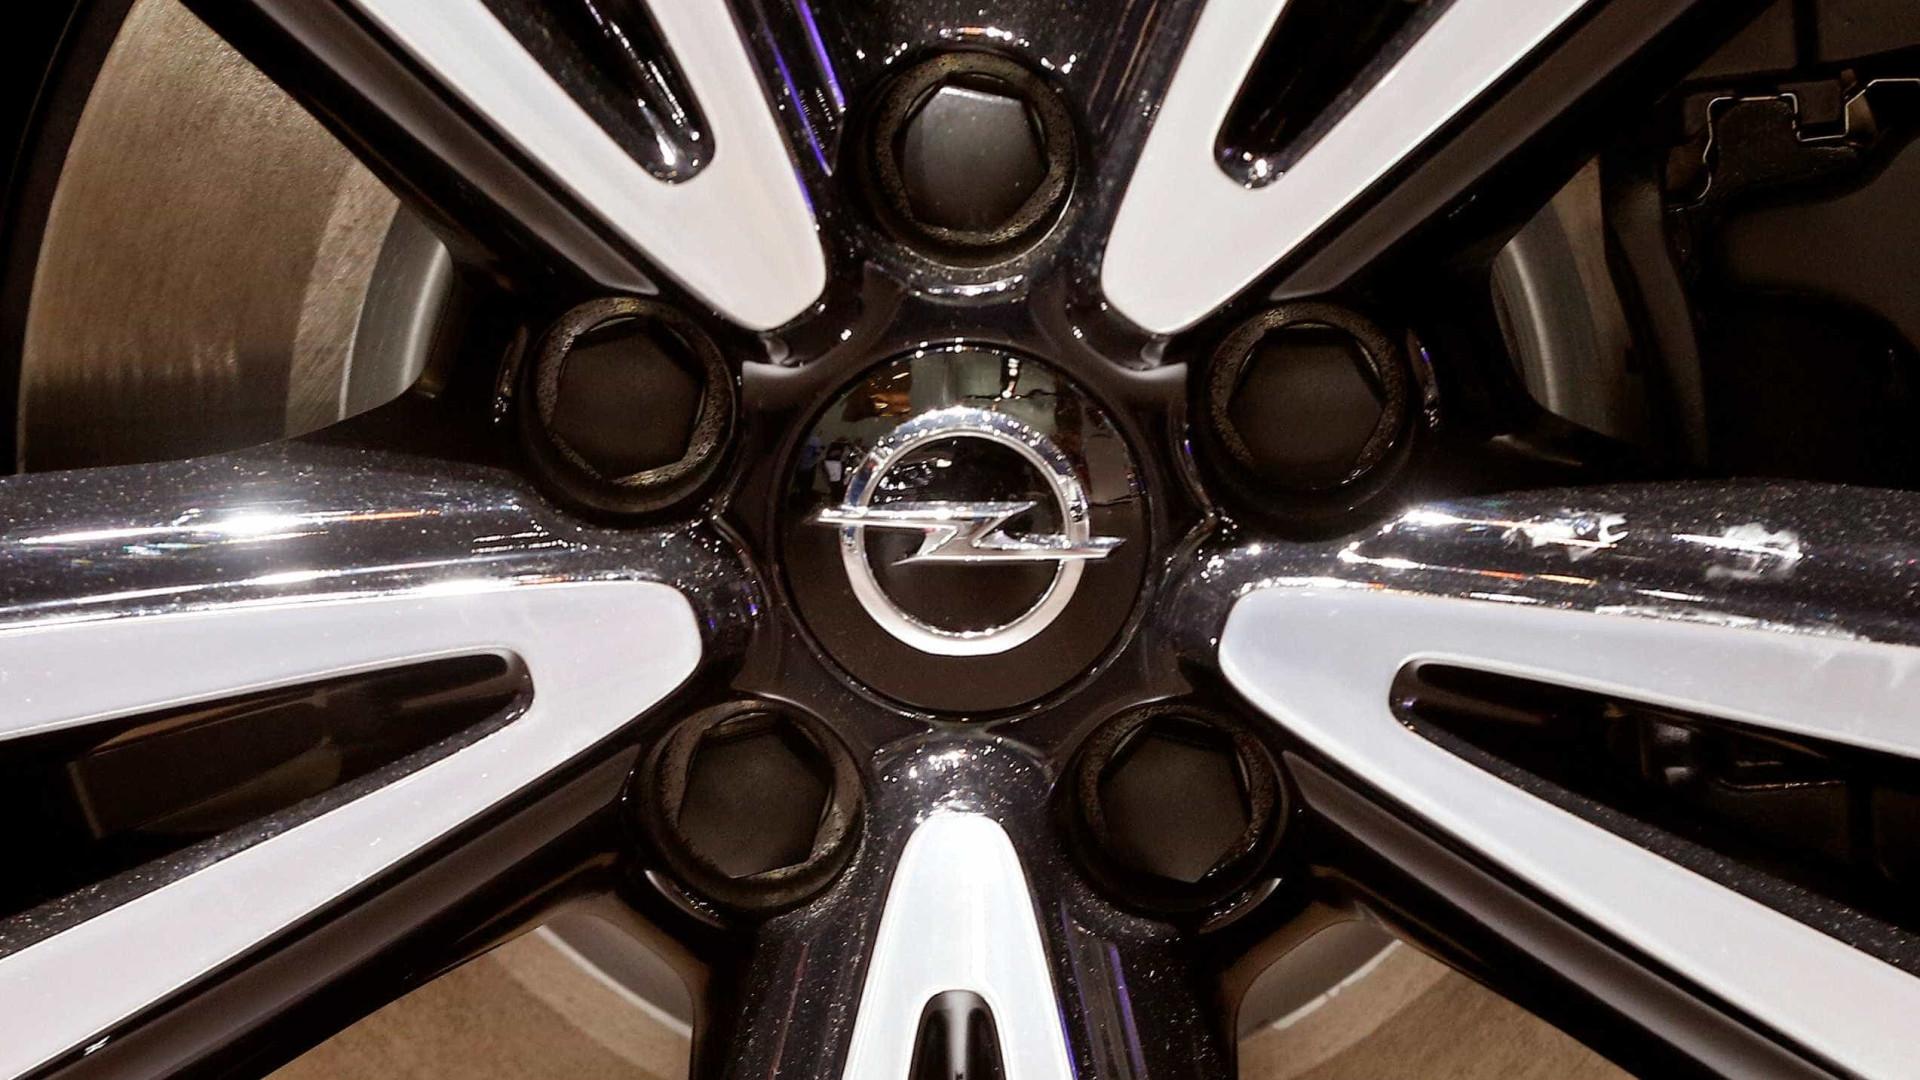 França concluiu que Opel não cometeu fraude nas emissões de poluentes